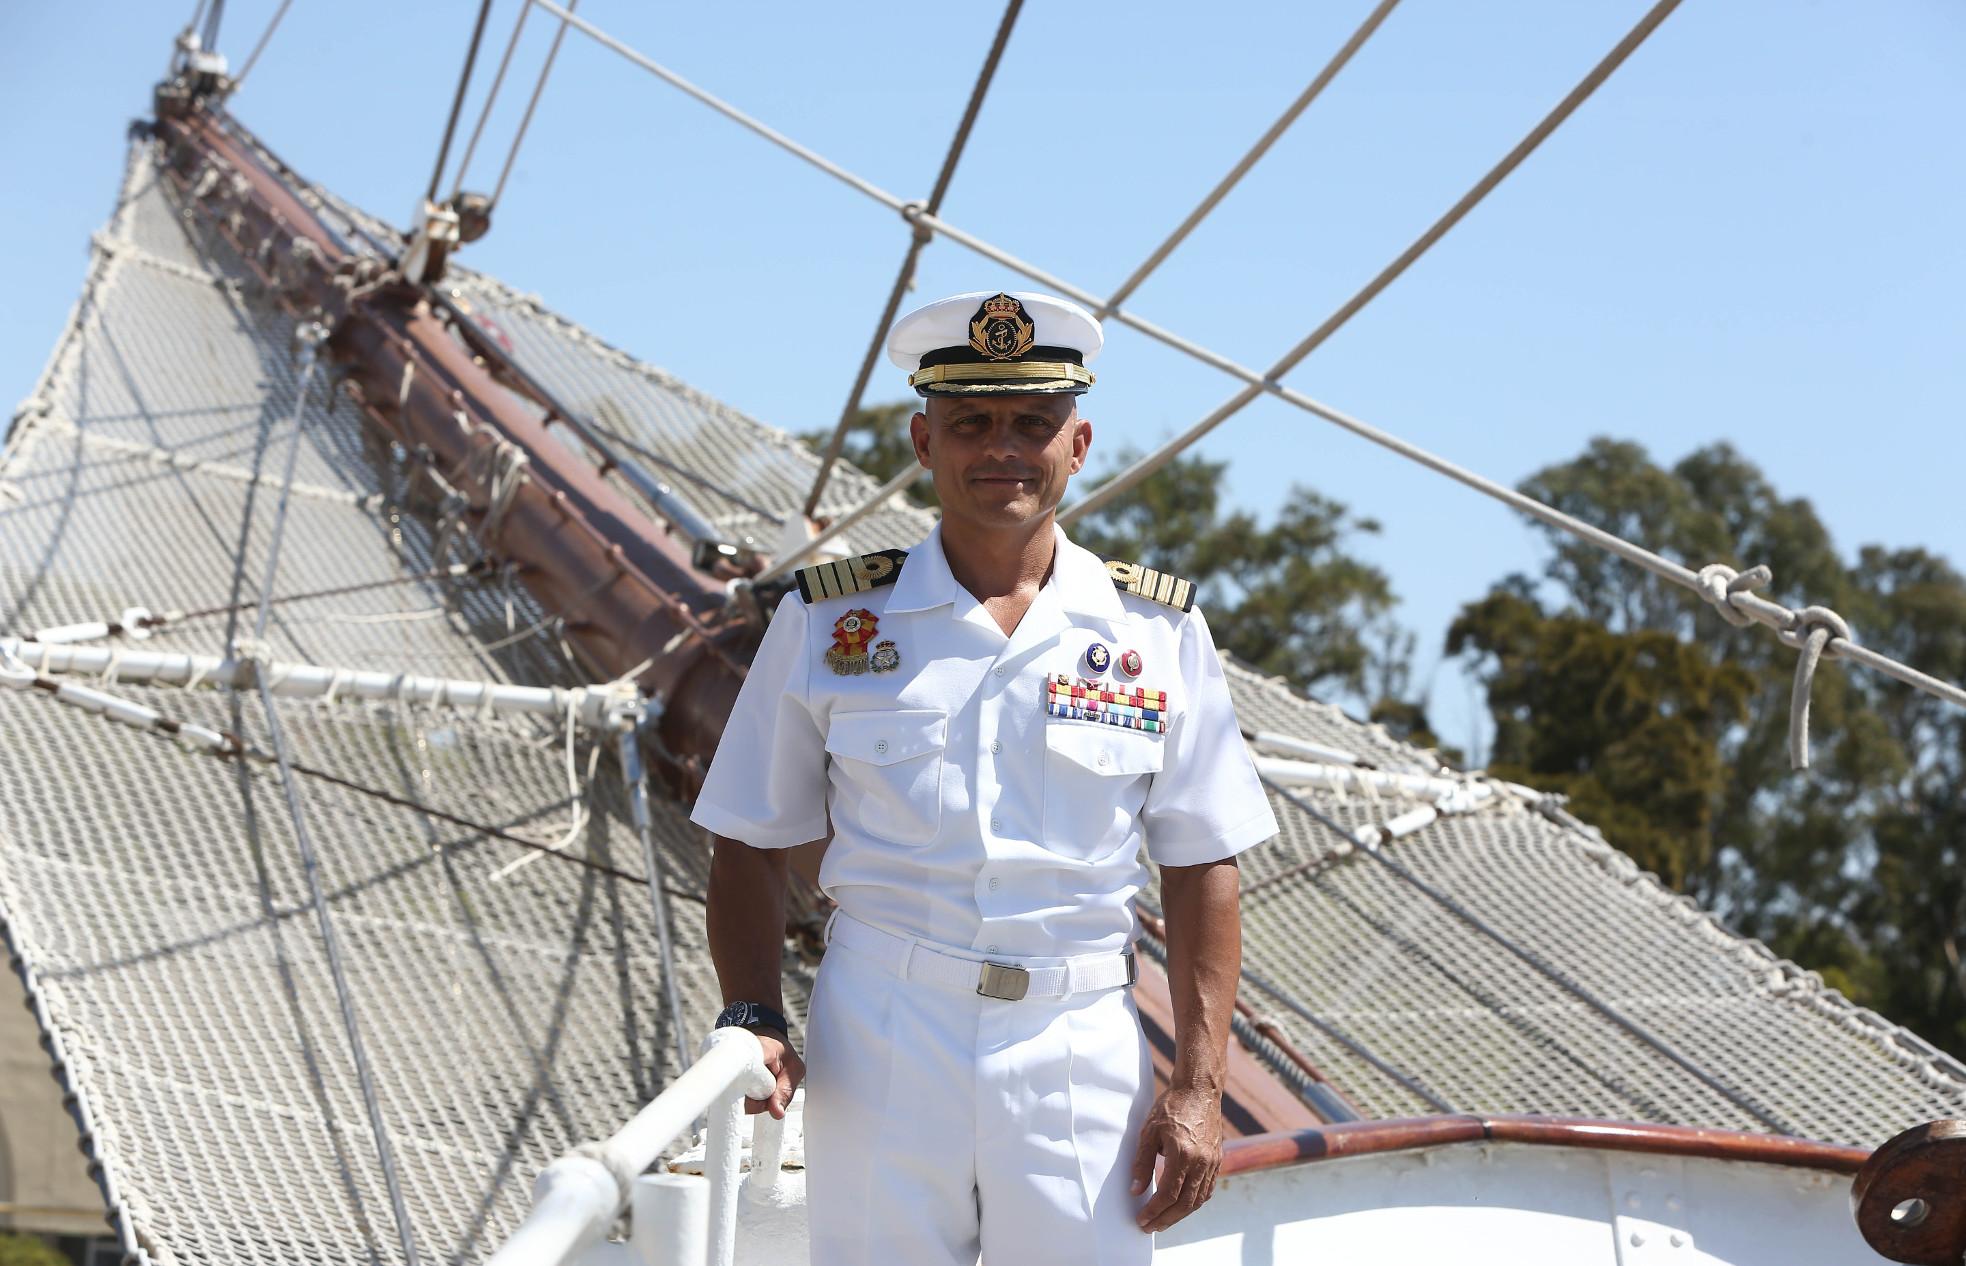 Capitan de navío Ignacio Paz García comandante del Juan Sebastian de el Cano. Foto: Antonio Vázquez